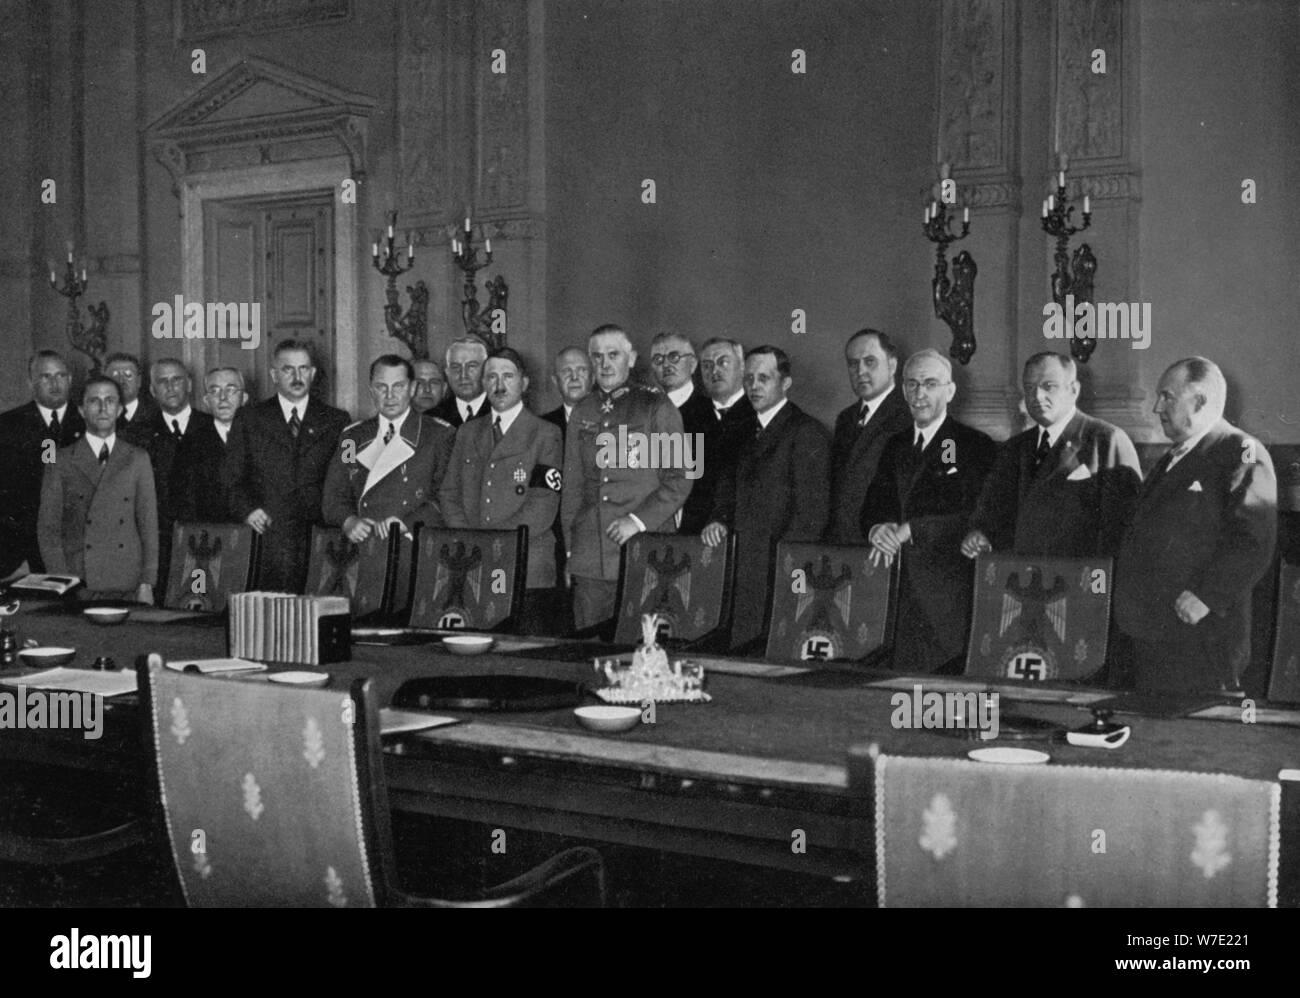 Hitler Adolf Adolf seinem und und Kabinett1936ArtistUnbekannt Hitler uFK1T3cJl